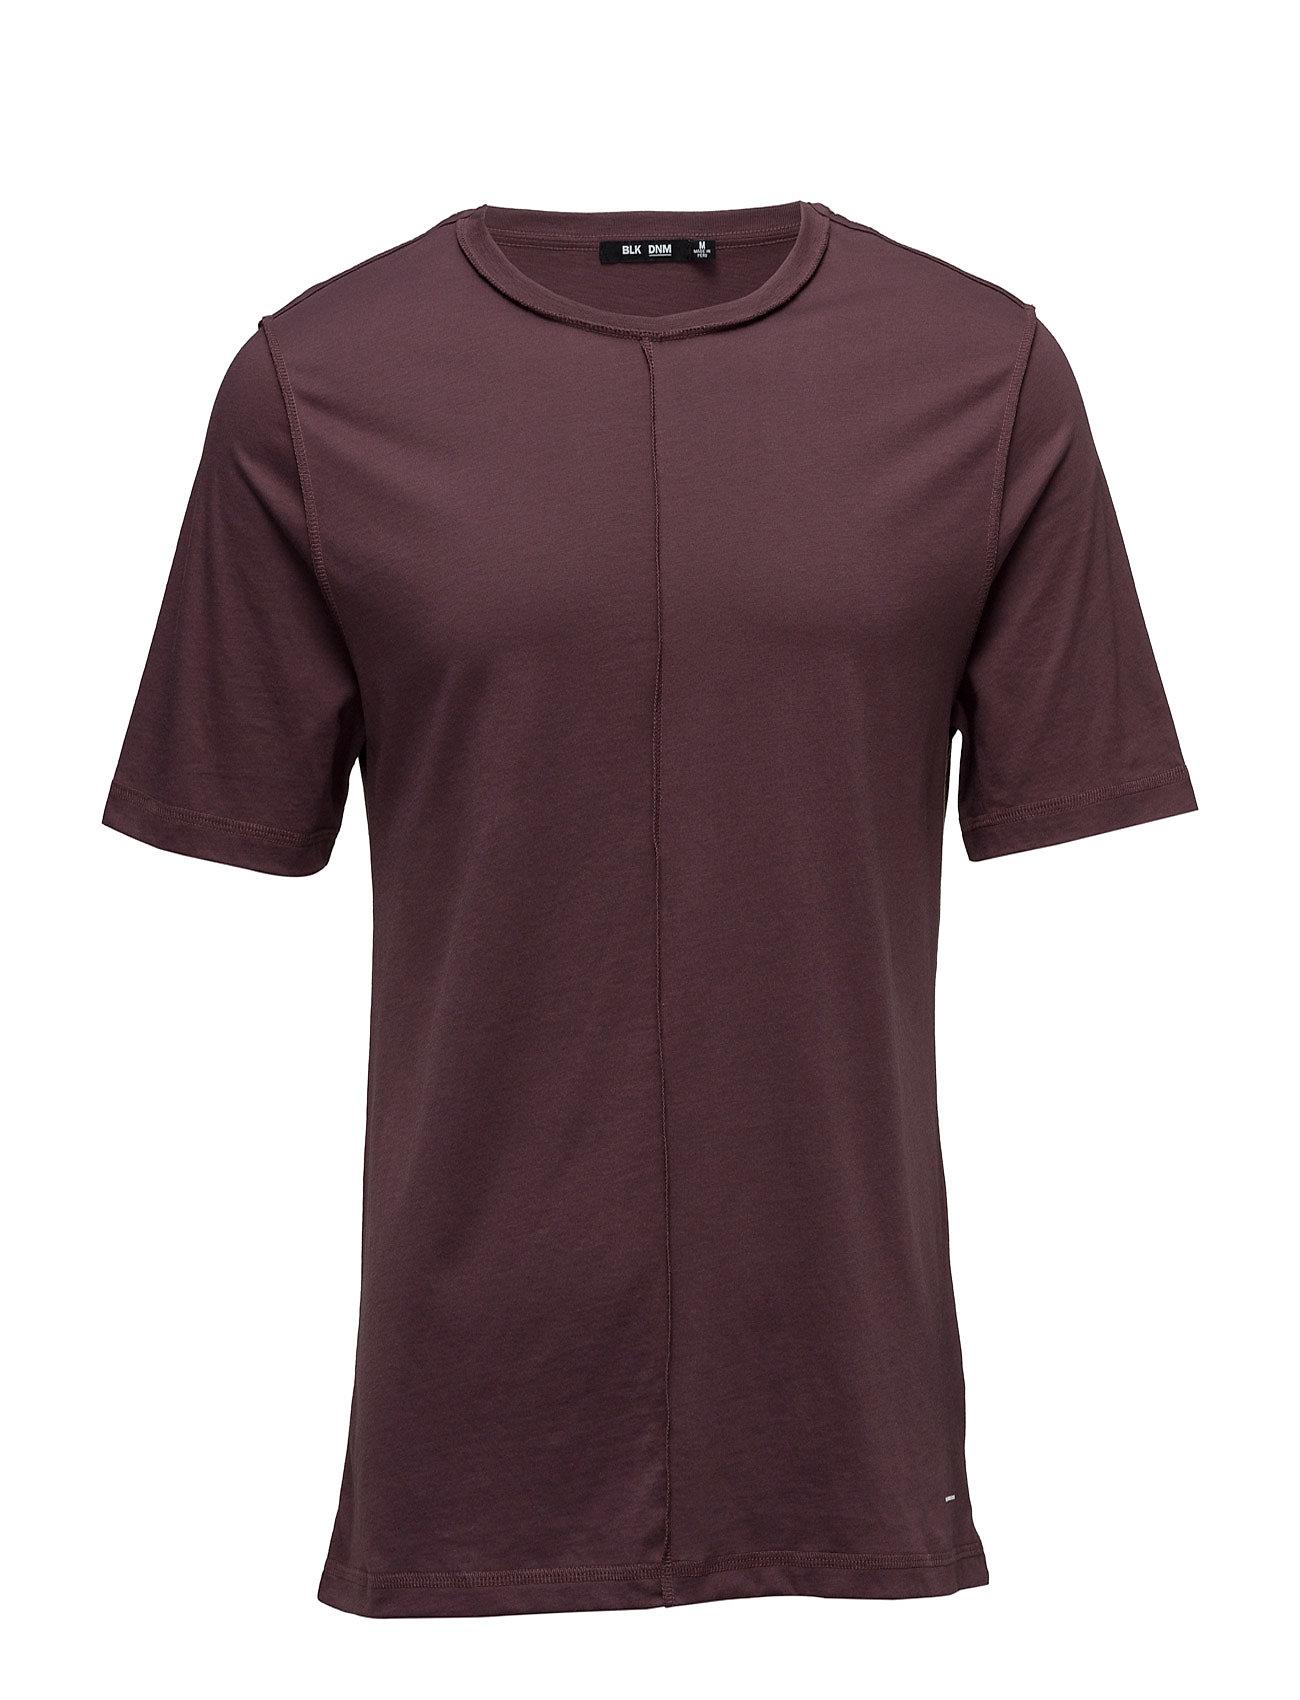 T-Shirt 80 BLK DNM Kortærmede til Herrer i